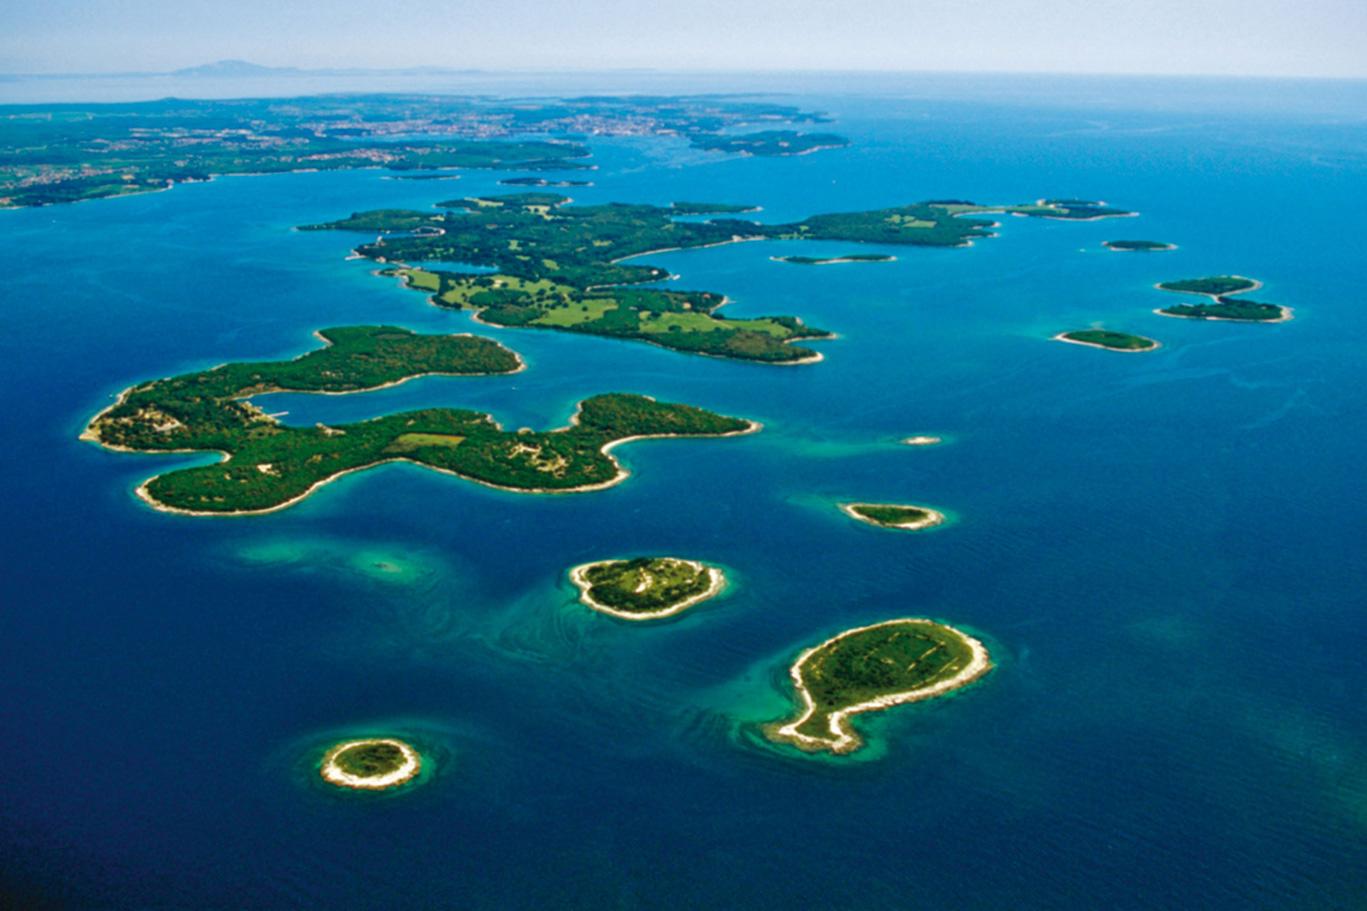 Risultati immagini per Le isole Brioni